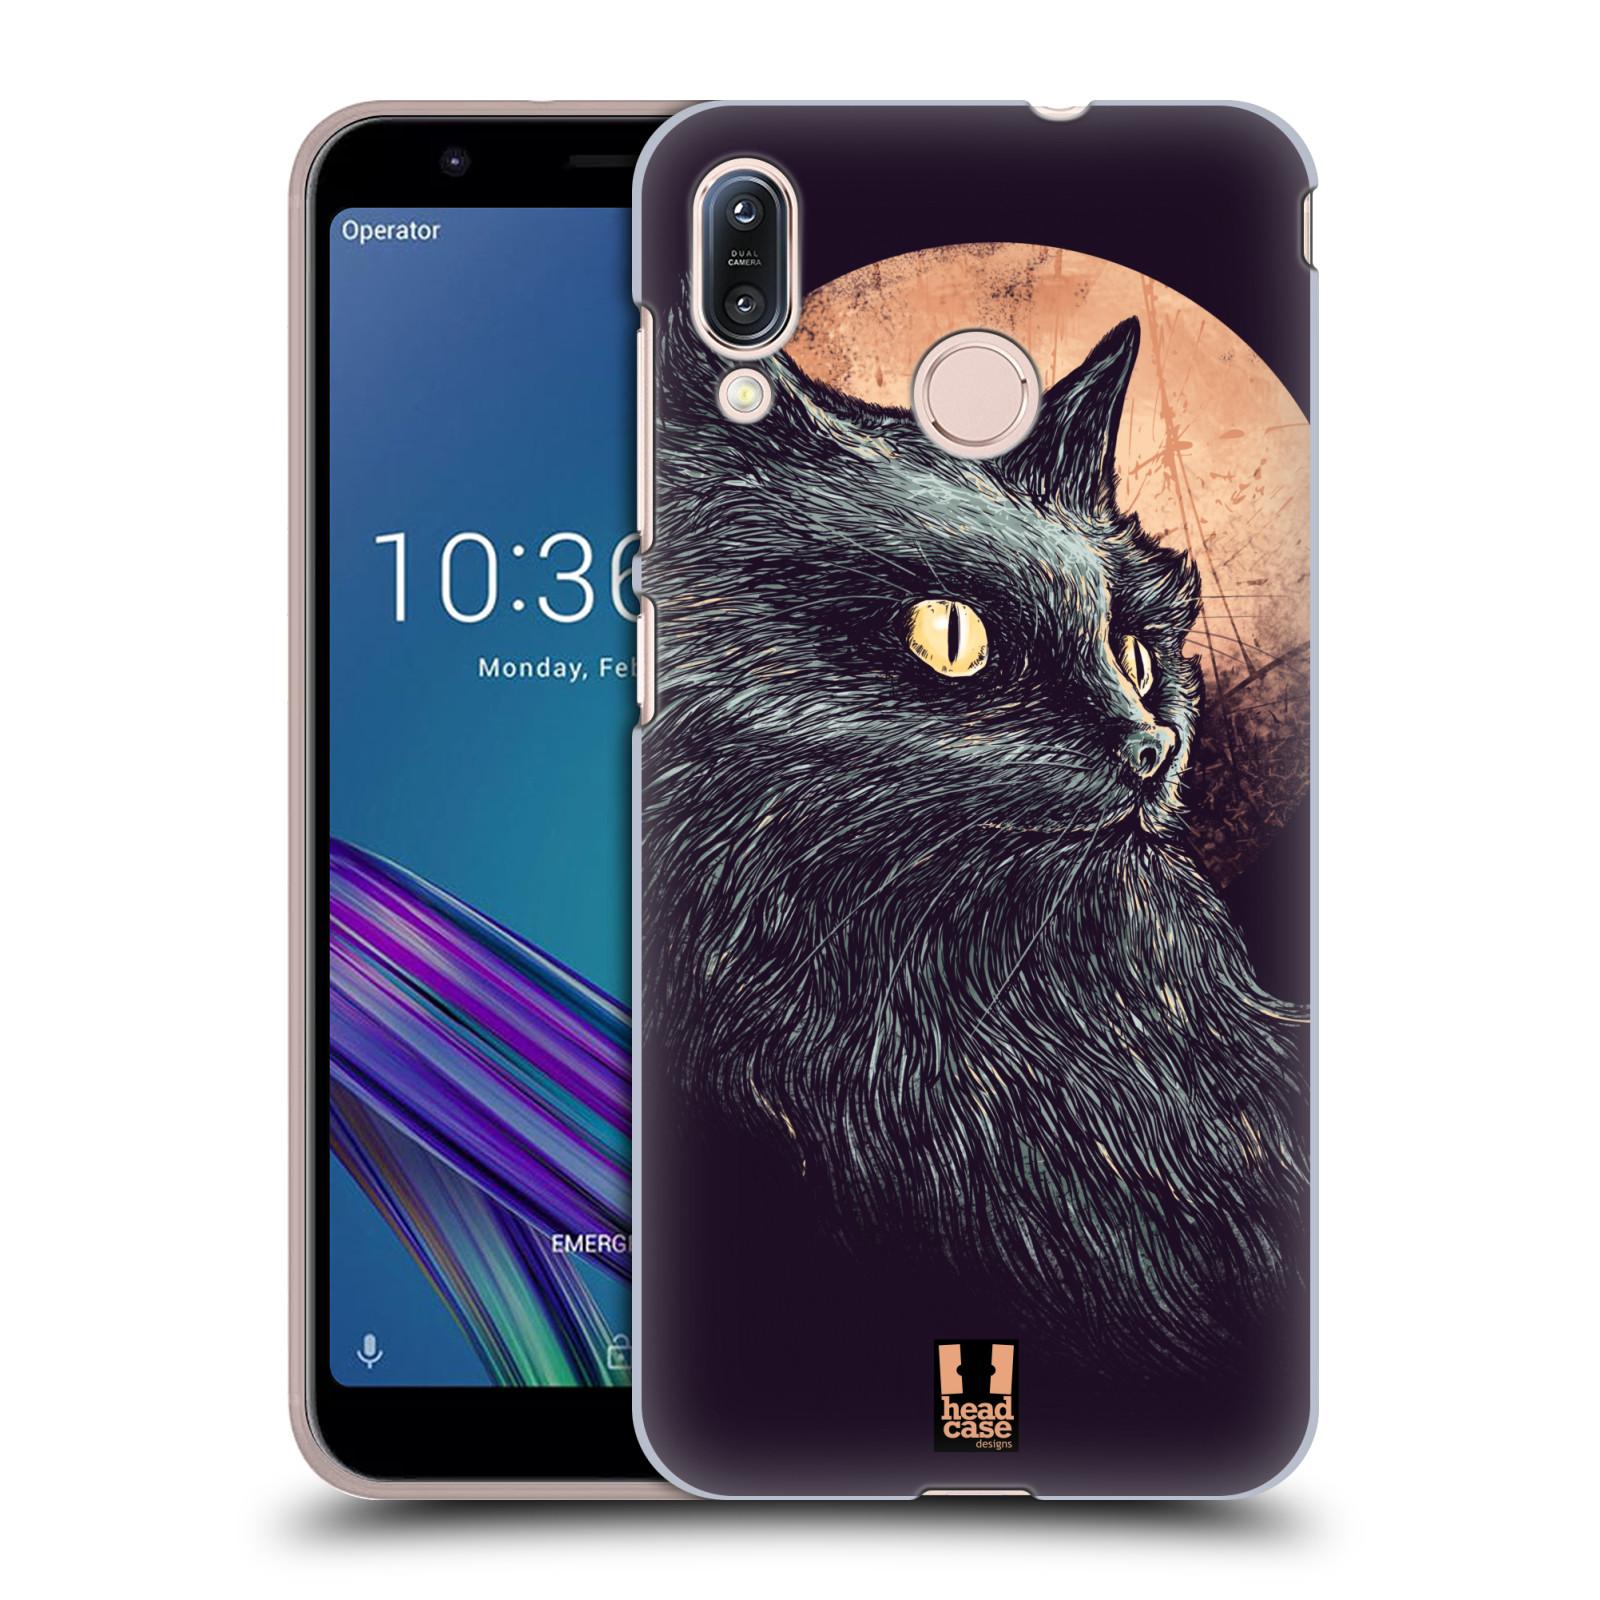 Pouzdro na mobil Asus Zenfone Max M1 (ZB555KL) - HEAD CASE - vzor Gotická kočka oranžový měsíc